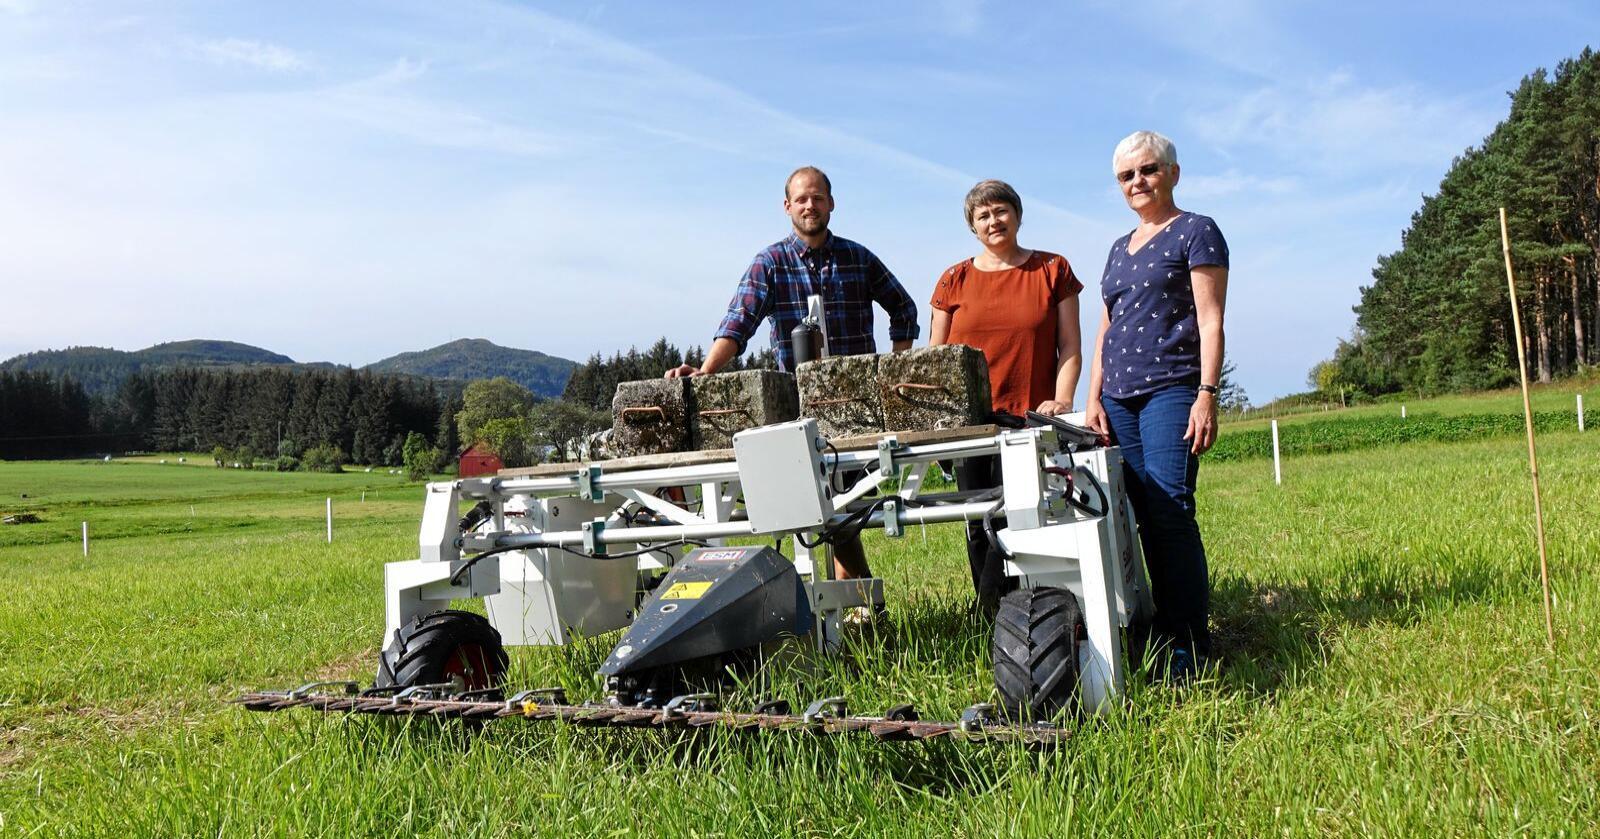 Ny teknologi: Forskerne Anders Aune, Synnøve Rivedal og Liv Østrem med roboten Thorvald på forsøksfeltet ved Nibio Fureneset august 2019. Alle foto: Jon Schärer